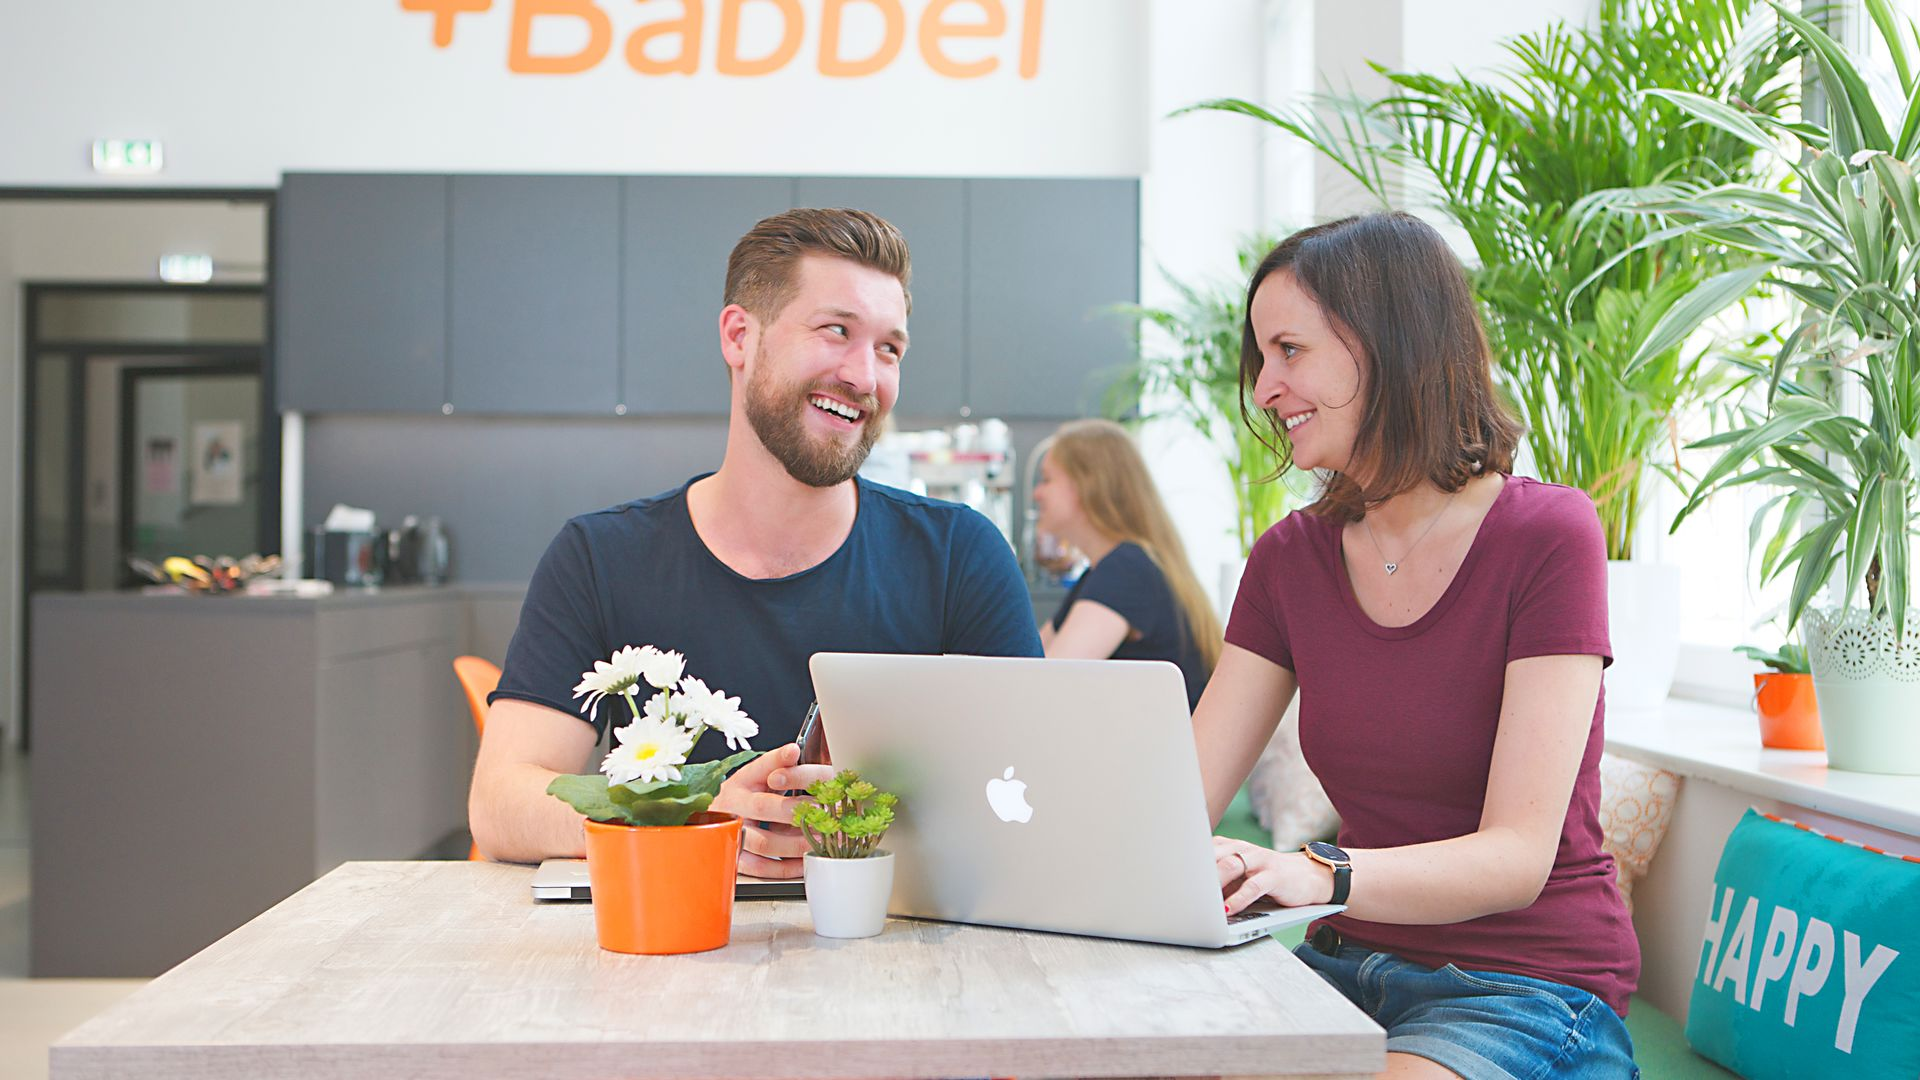 Por qué los expertos afirman que el método de Babbel es la mejor opción para aprender idiomas